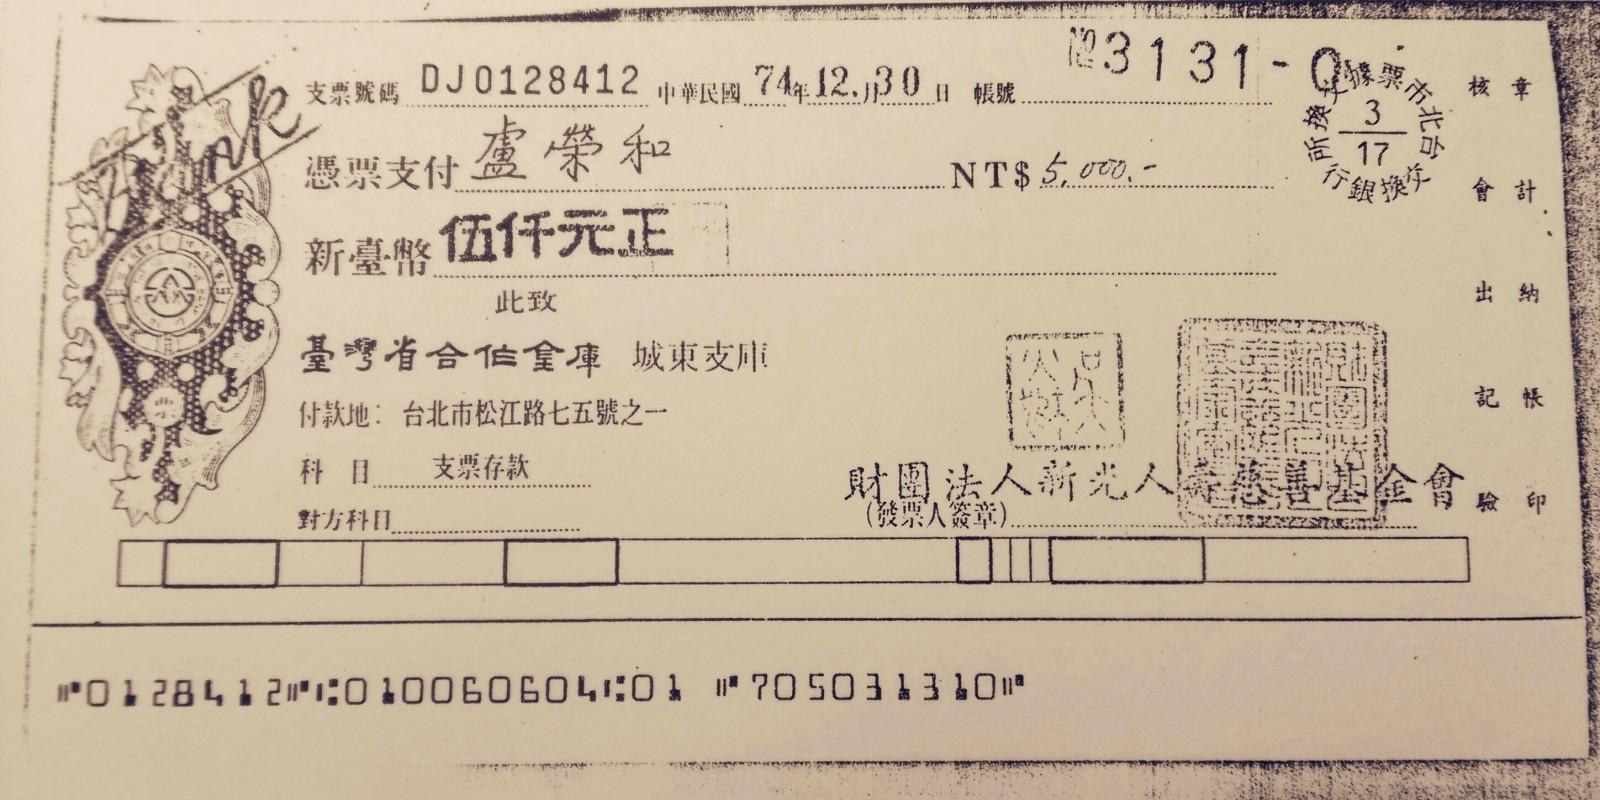 影印5000元的支票 他收藏30年